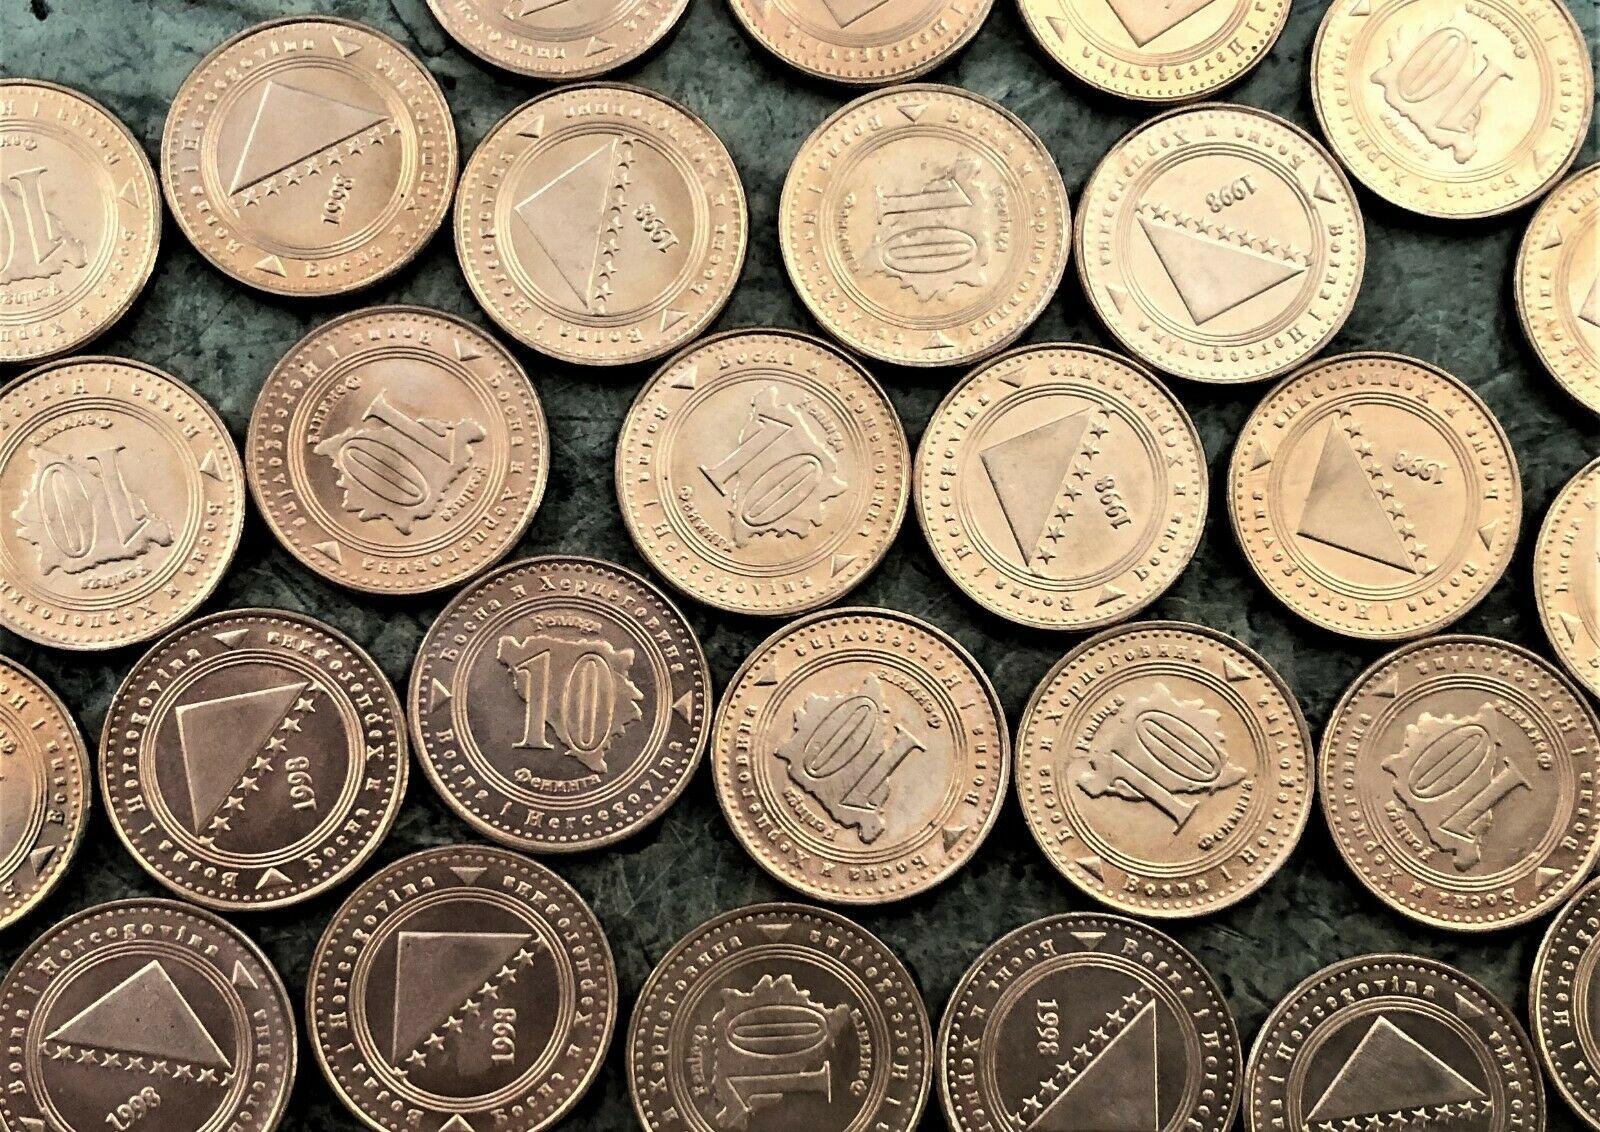 WHOLESALE 100 BOSNIA HERZEGOVINA 10 FENINGA UNC COINS of 1998 with MAP KM # 115